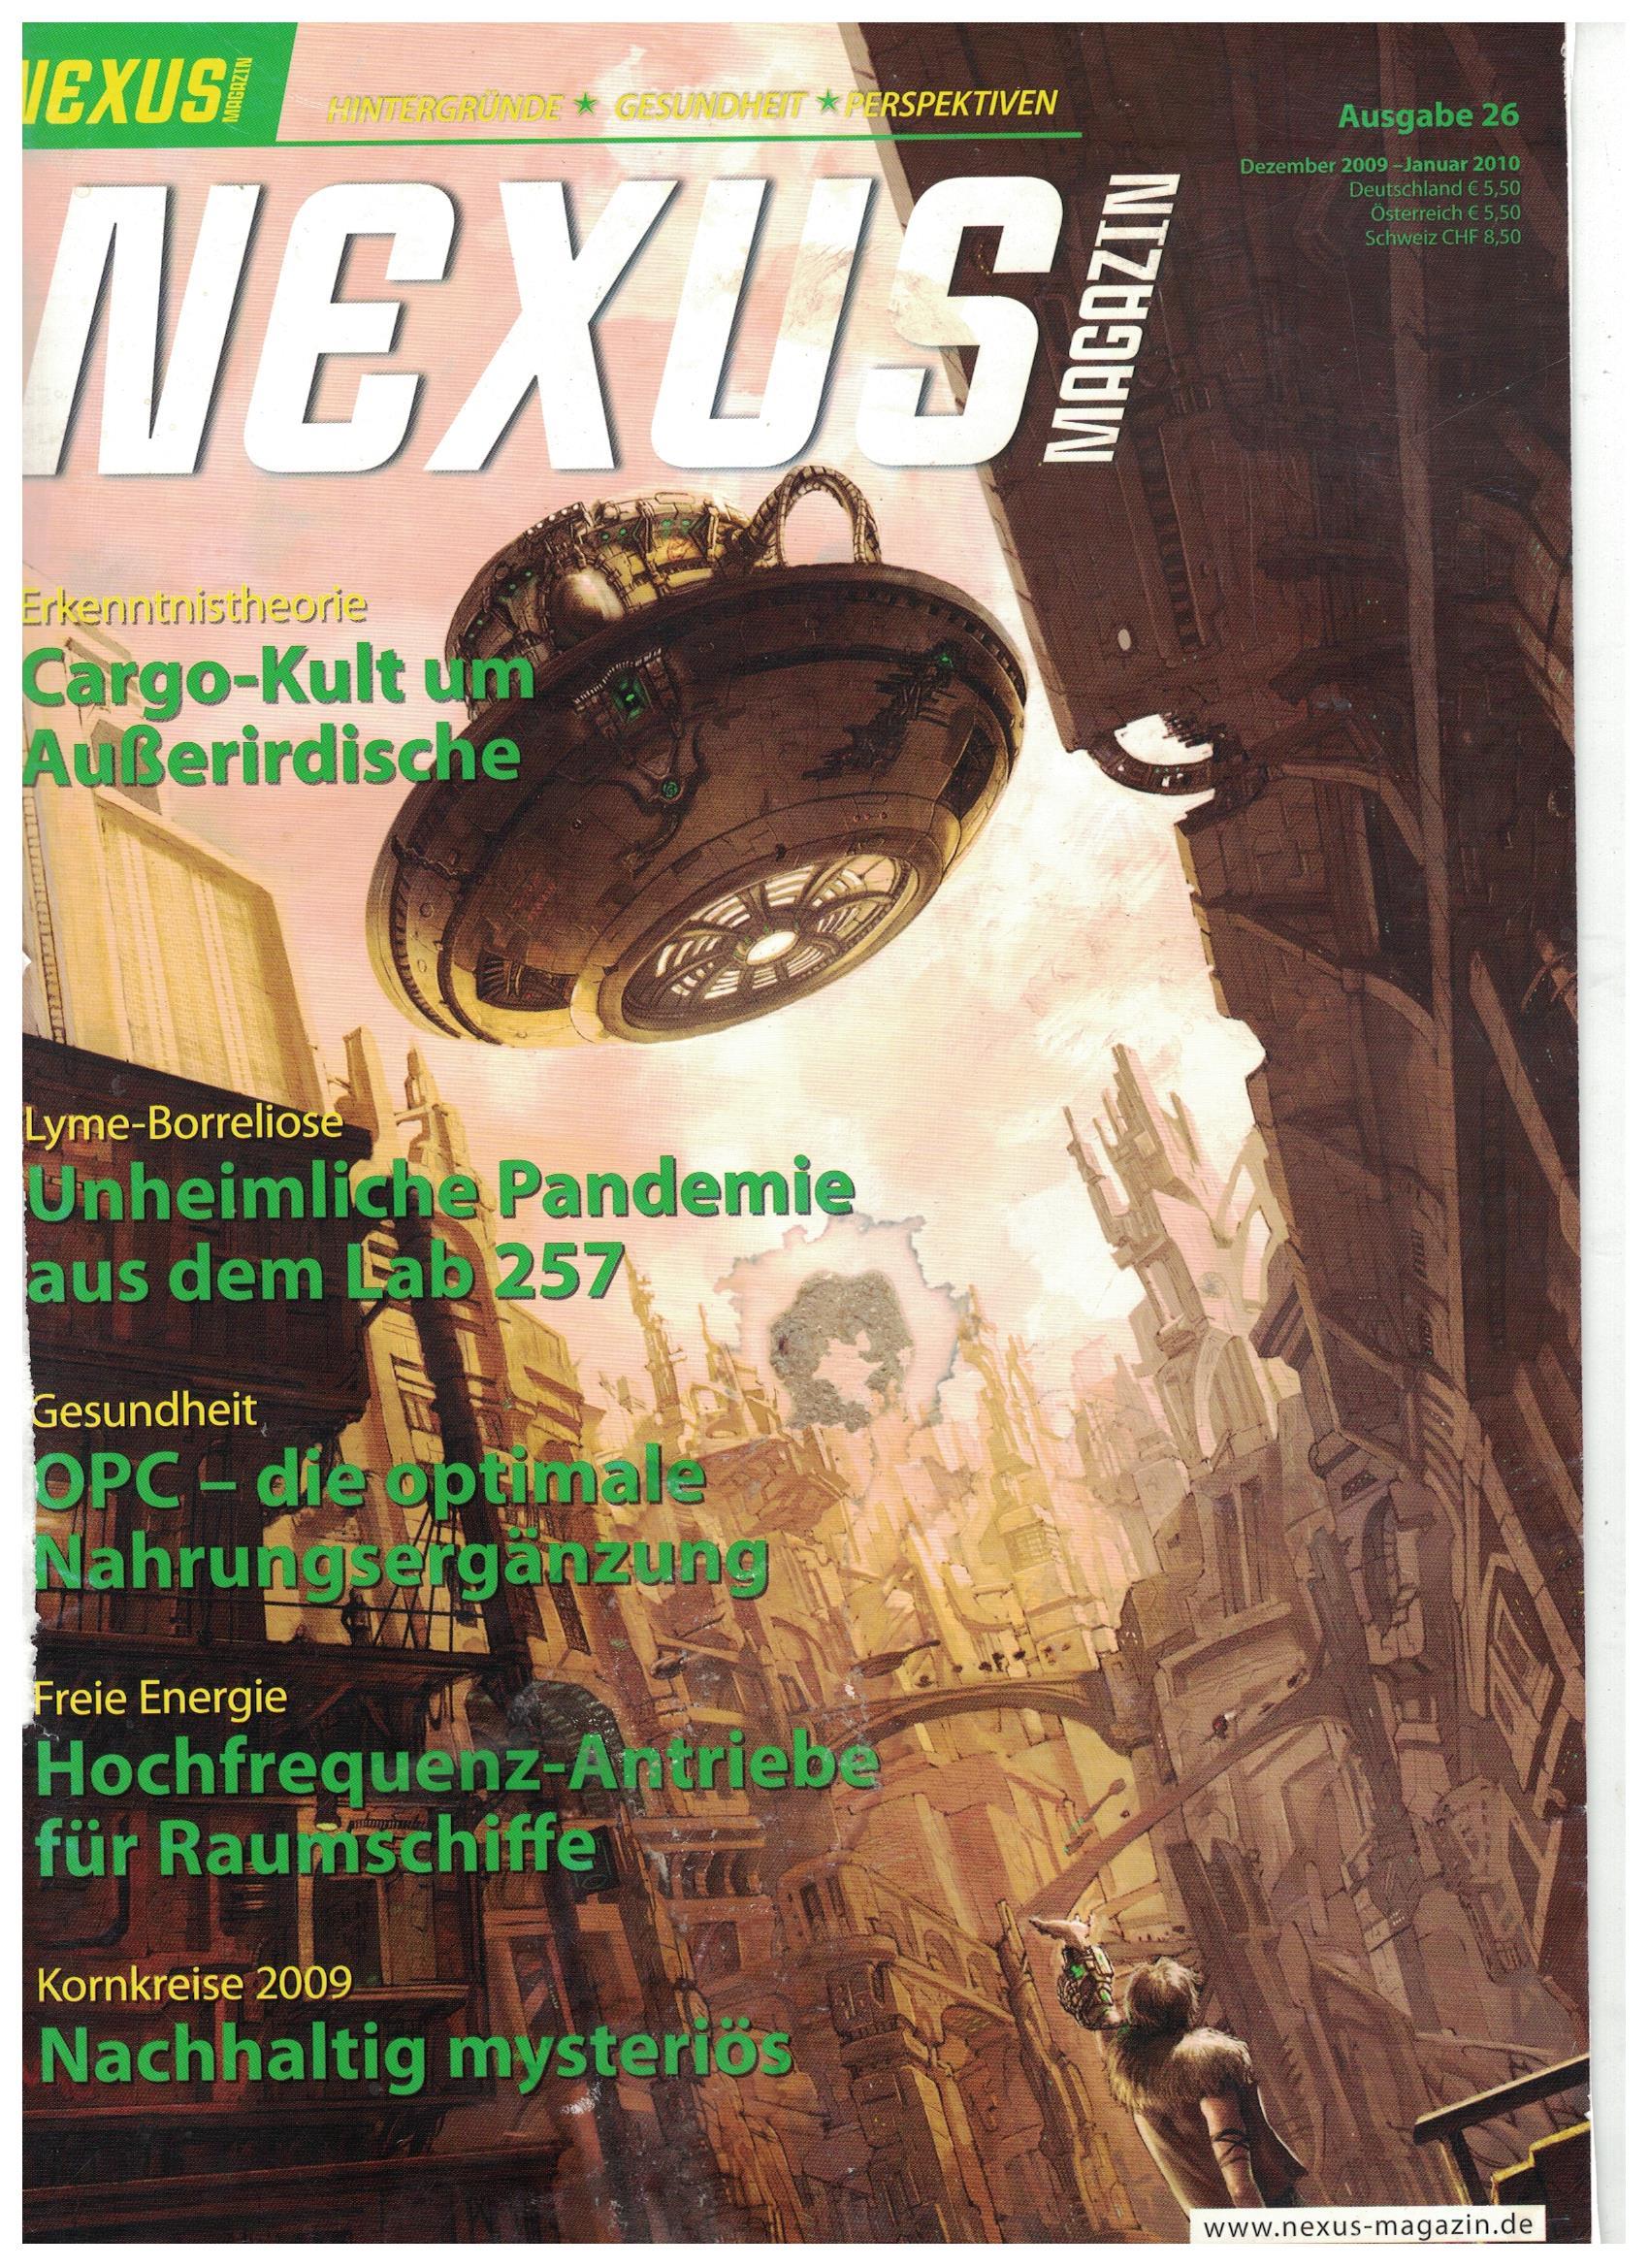 BENNETT NEXUS COVER